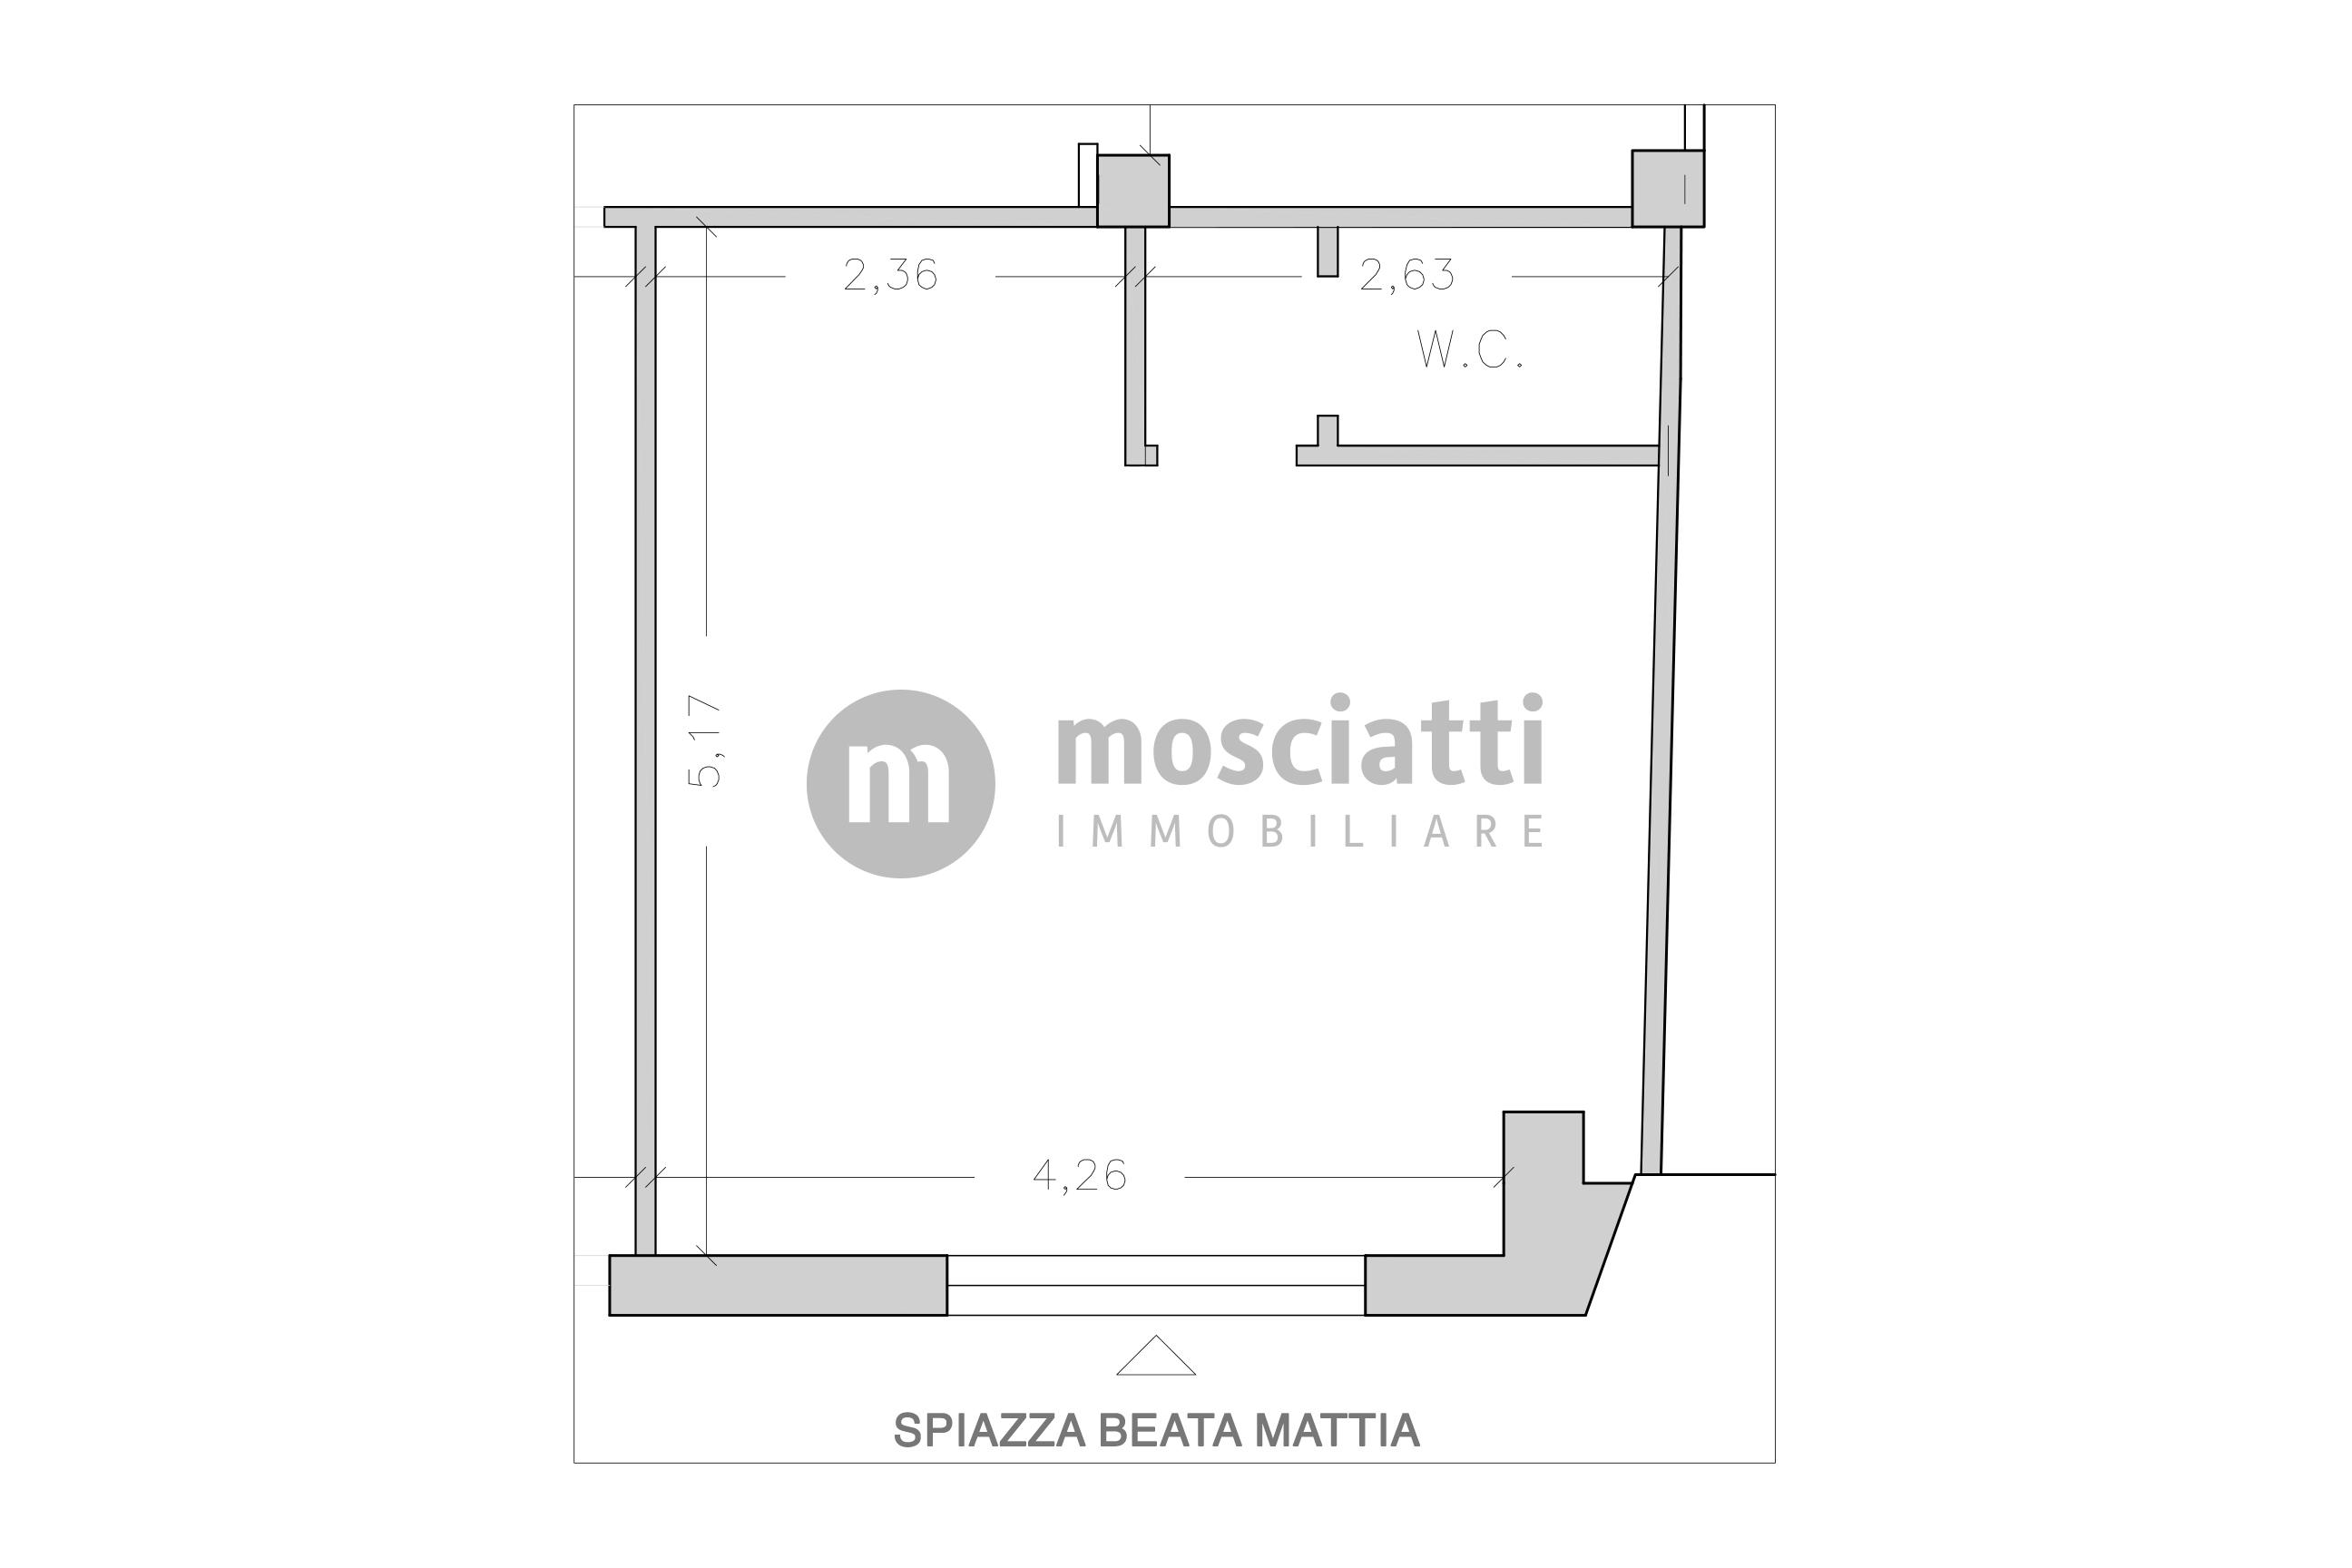 Matelica, Spiazzo Beata Mattia, vendita locale commerciale, centro storico - 1